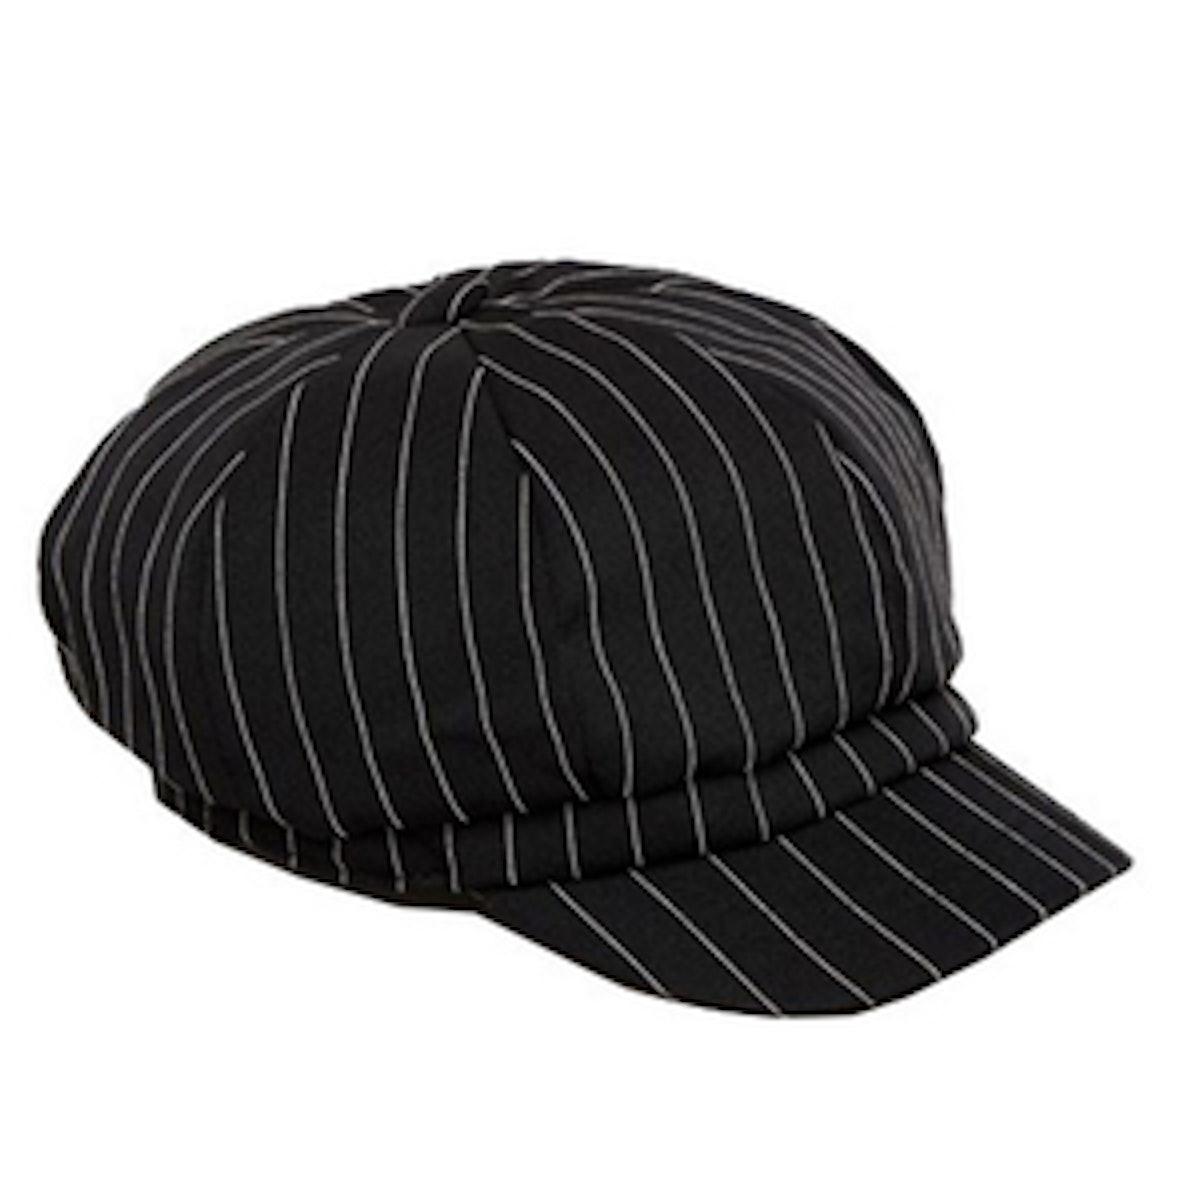 Pin Stripe Baker Boy Hat